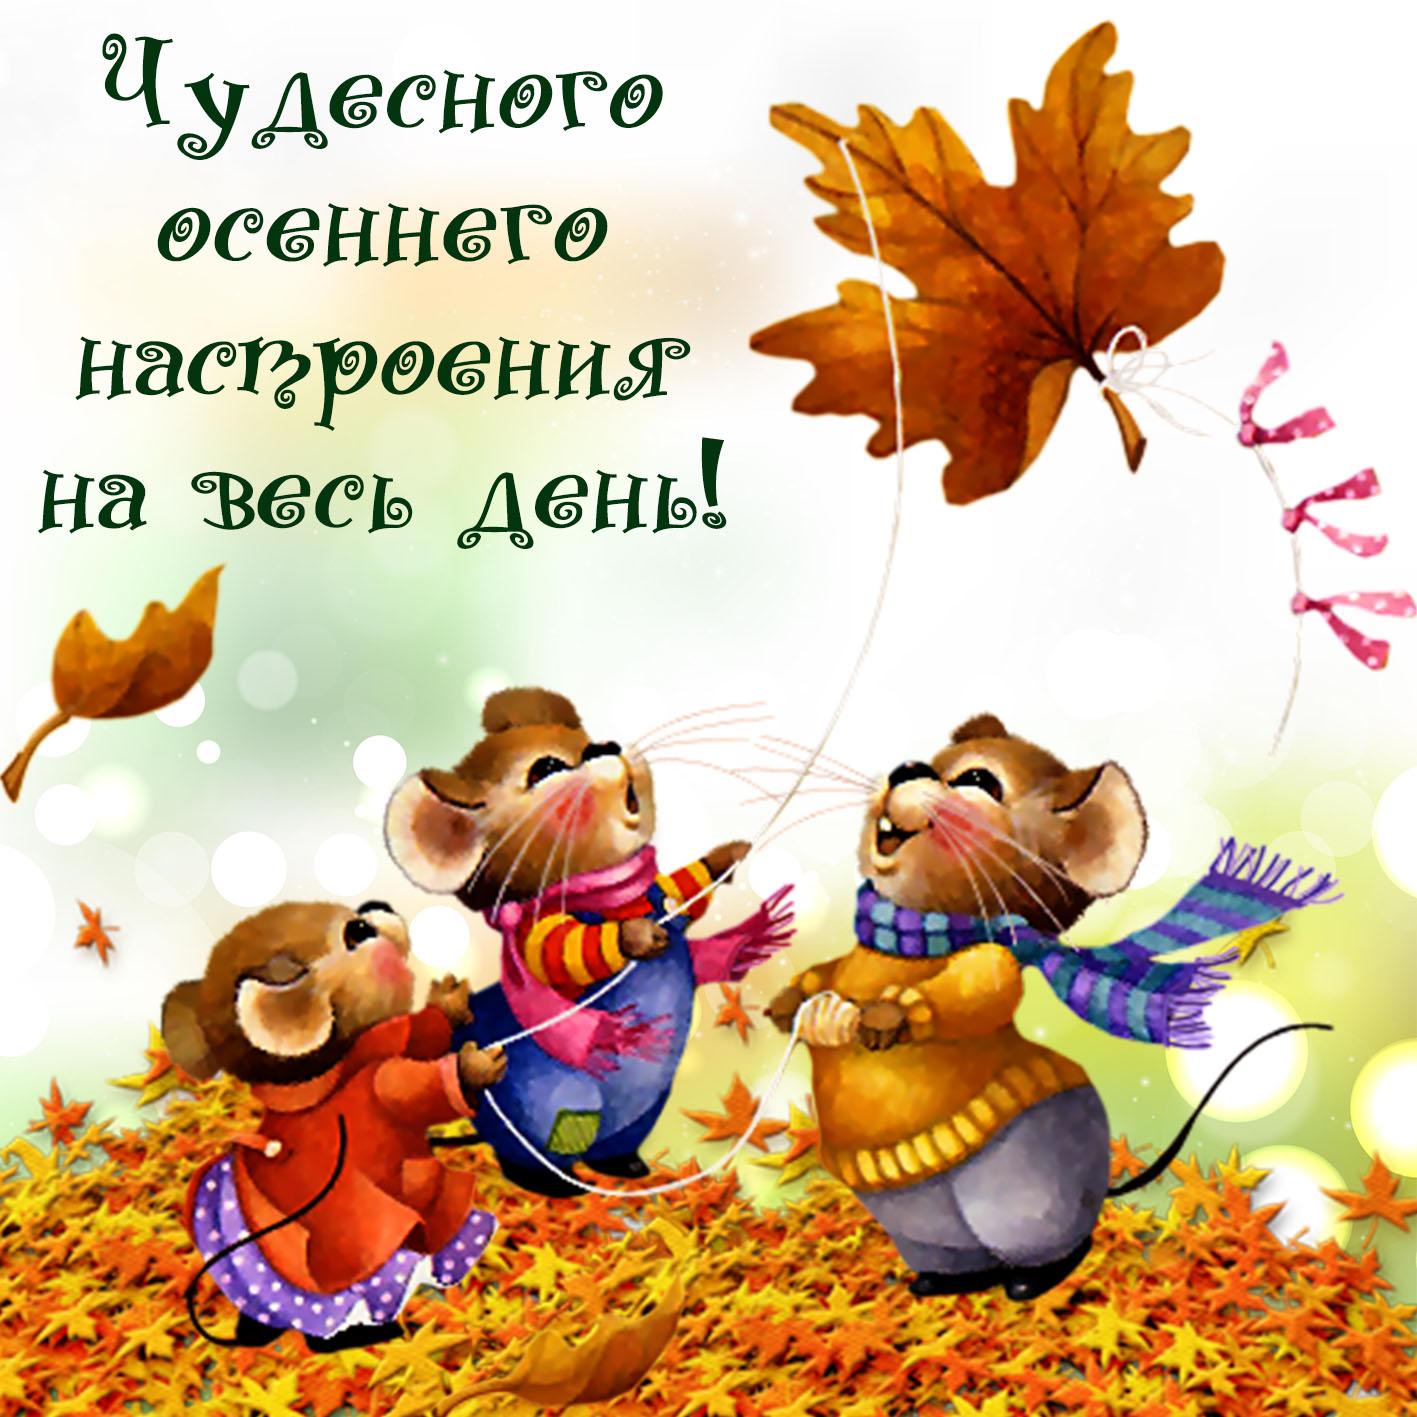 Осенние открытки с детьми с добрым пожеланием, для любимой